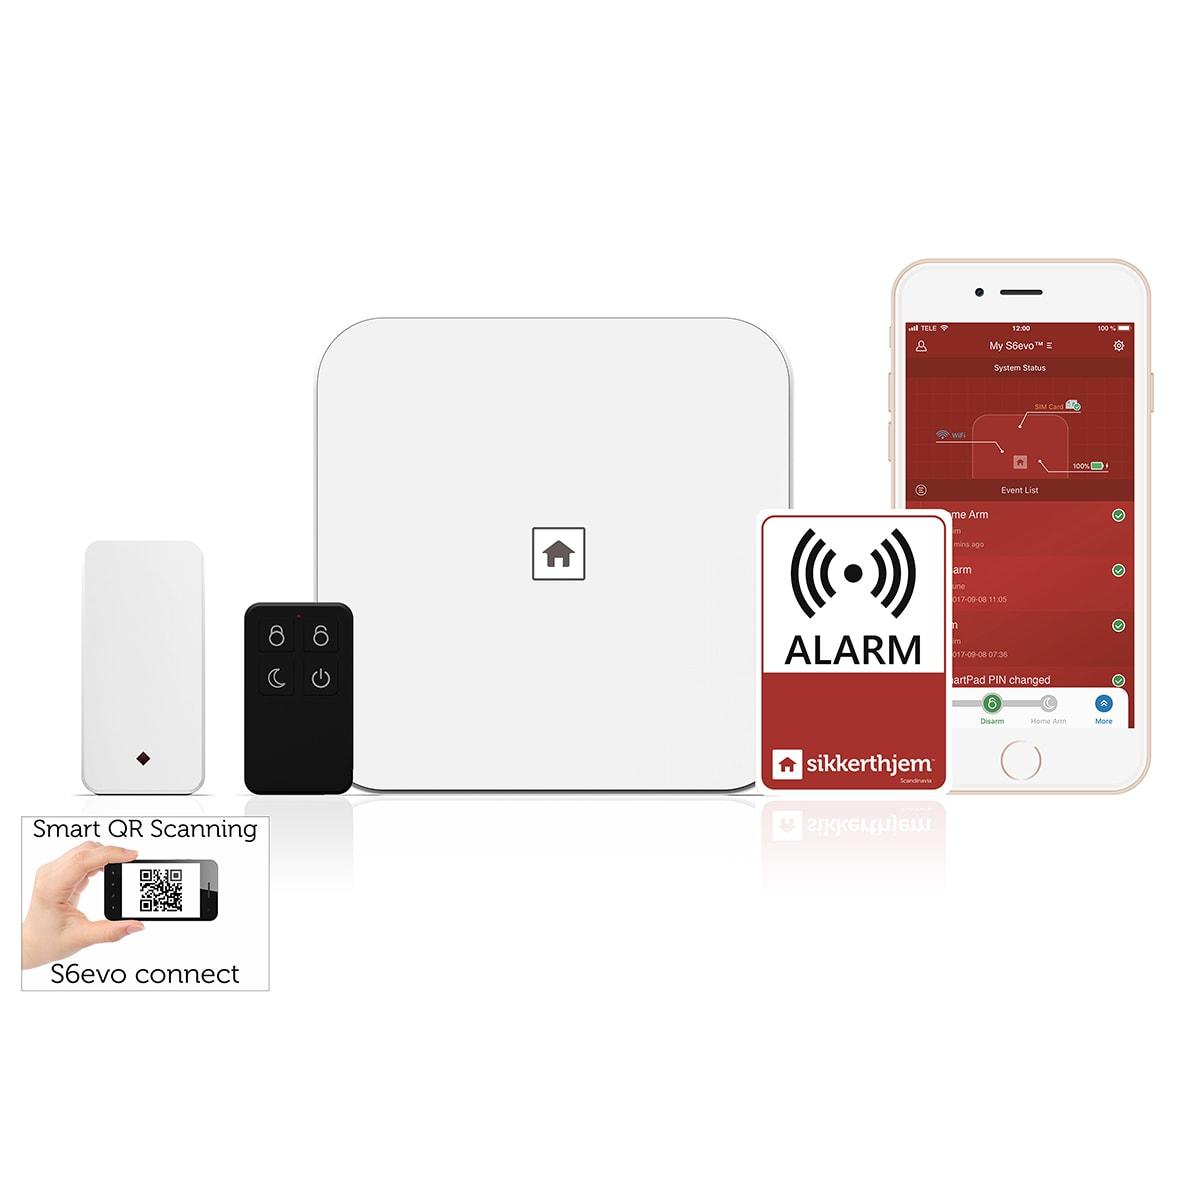 Startpakken - Inkl. alarm, åbningskontakt, fjernbetjening, mærkat m.m.